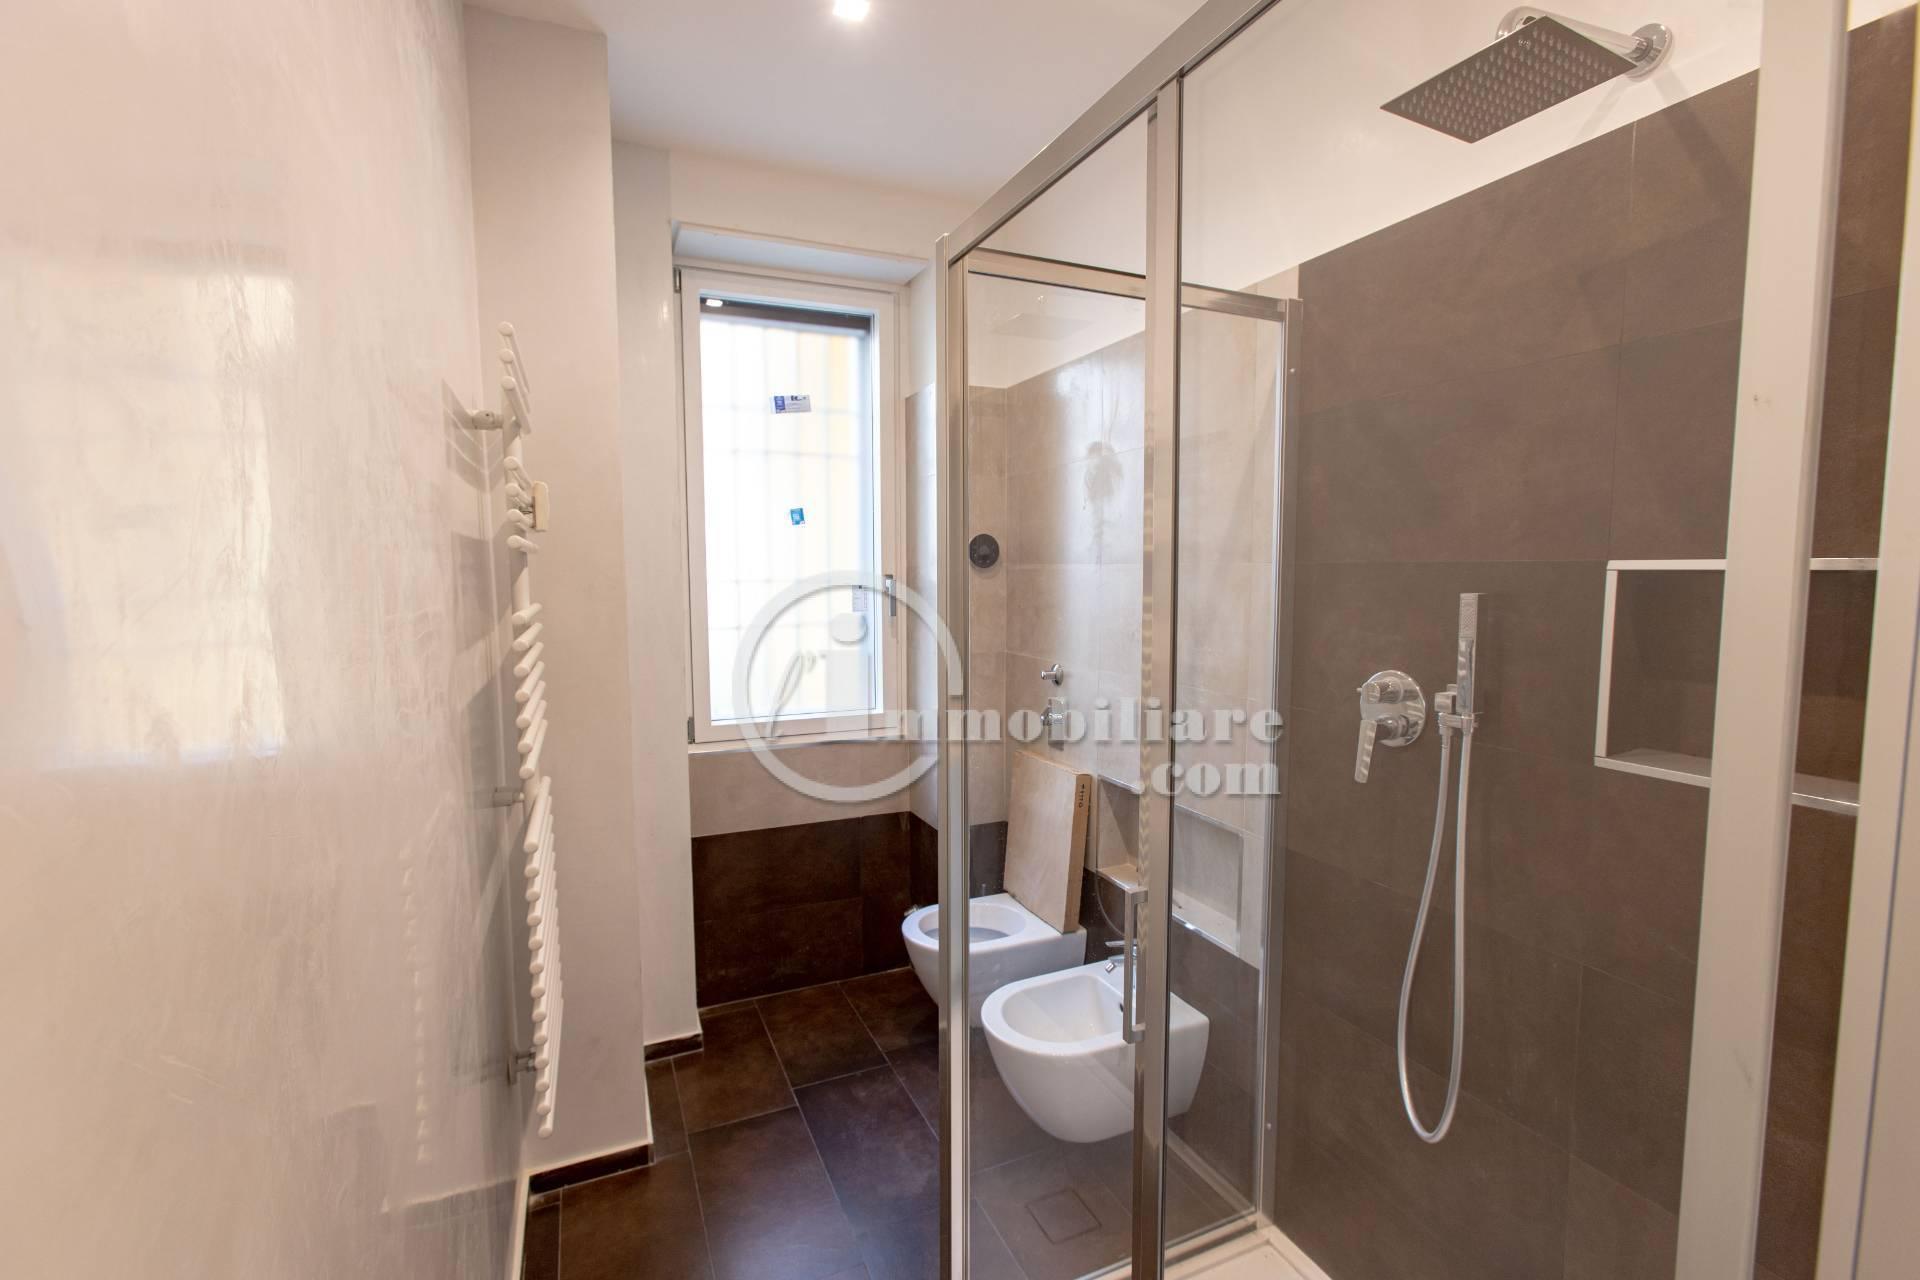 Appartamento in Vendita a Milano: 3 locali, 75 mq - Foto 15